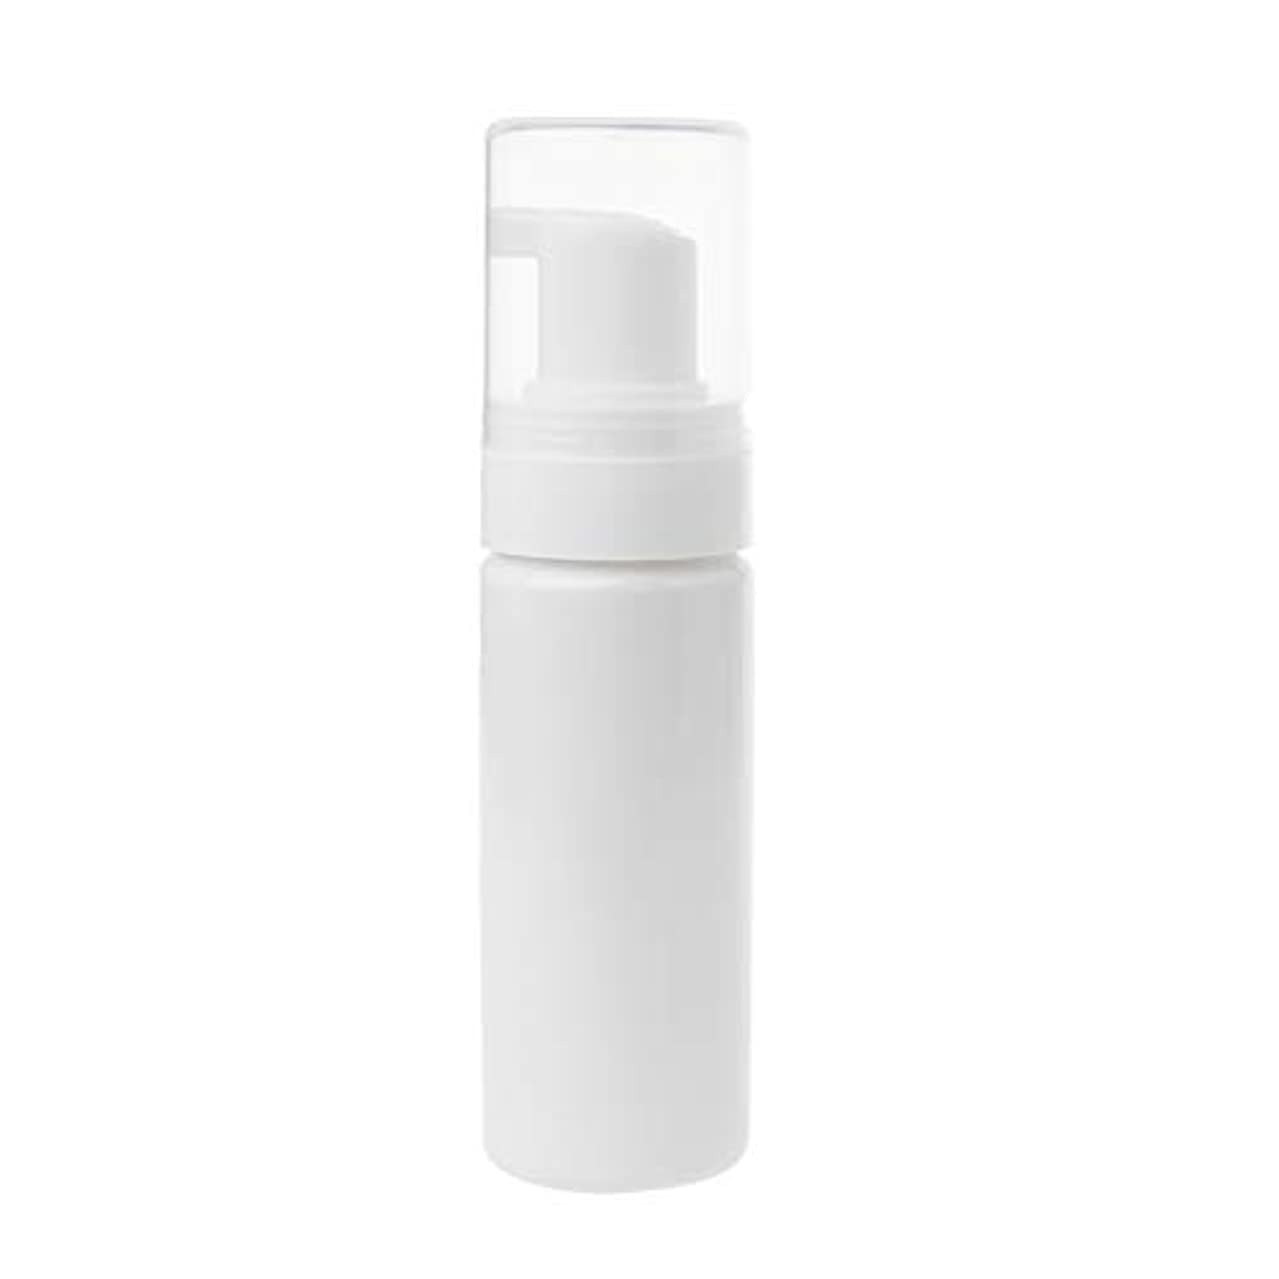 ダイジェストシーンアベニューTOOGOO 1個50ml キャップ付き発泡ボトル泡ポンプせっけんムース液体ディスペンサー泡ボトルプラスチックシャンプーローションボトル(ホワイト)